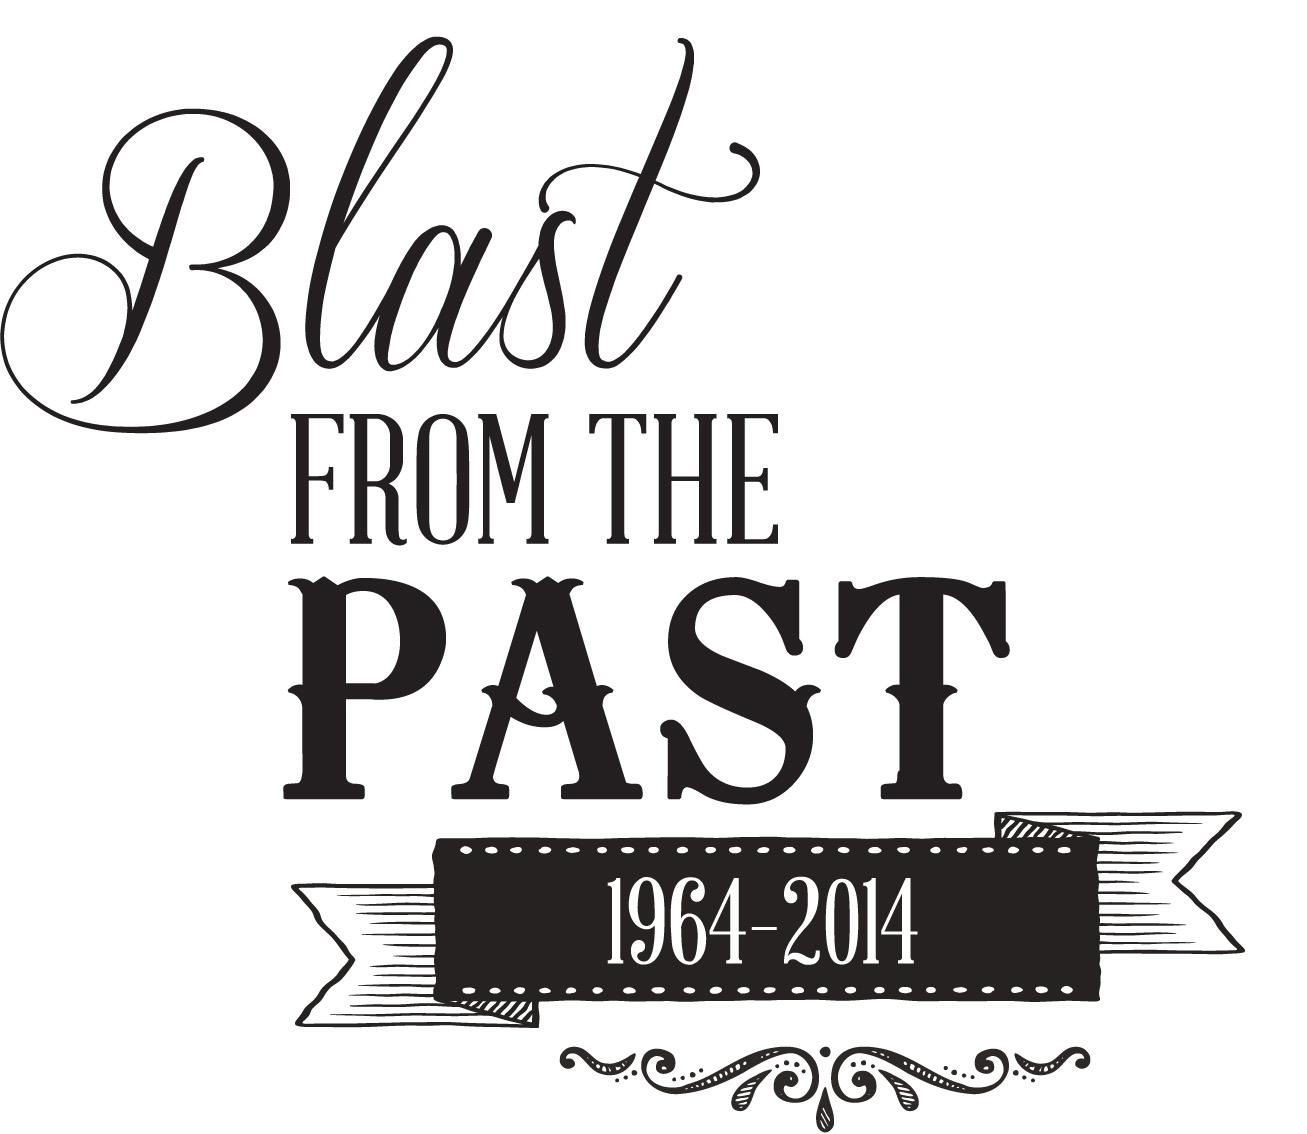 YSR - Blast From Past - B.JPG